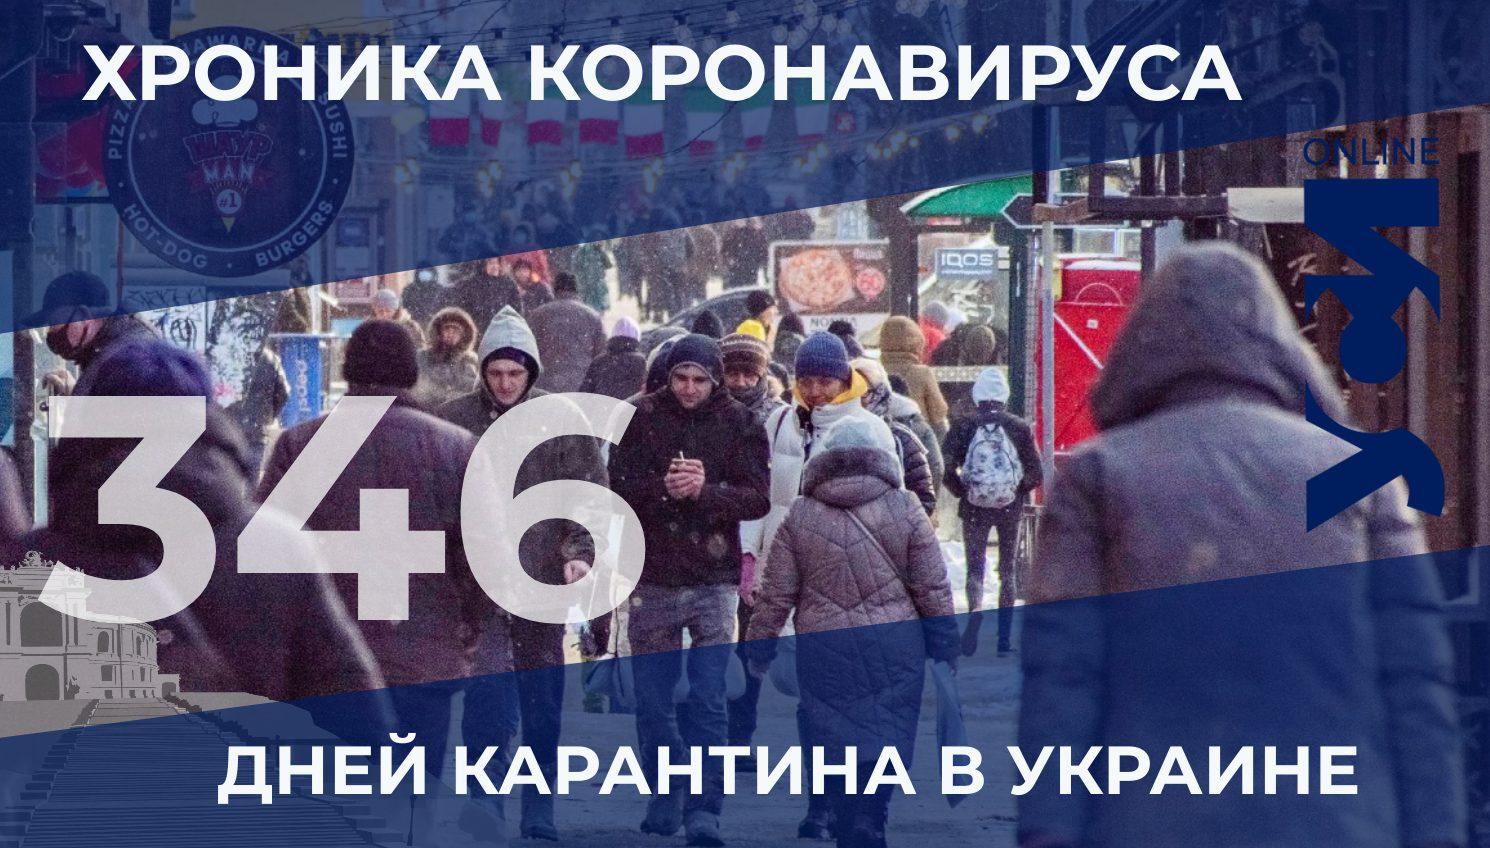 Хроника коронавируса: 144 новых заболевших в Одесской области «фото»